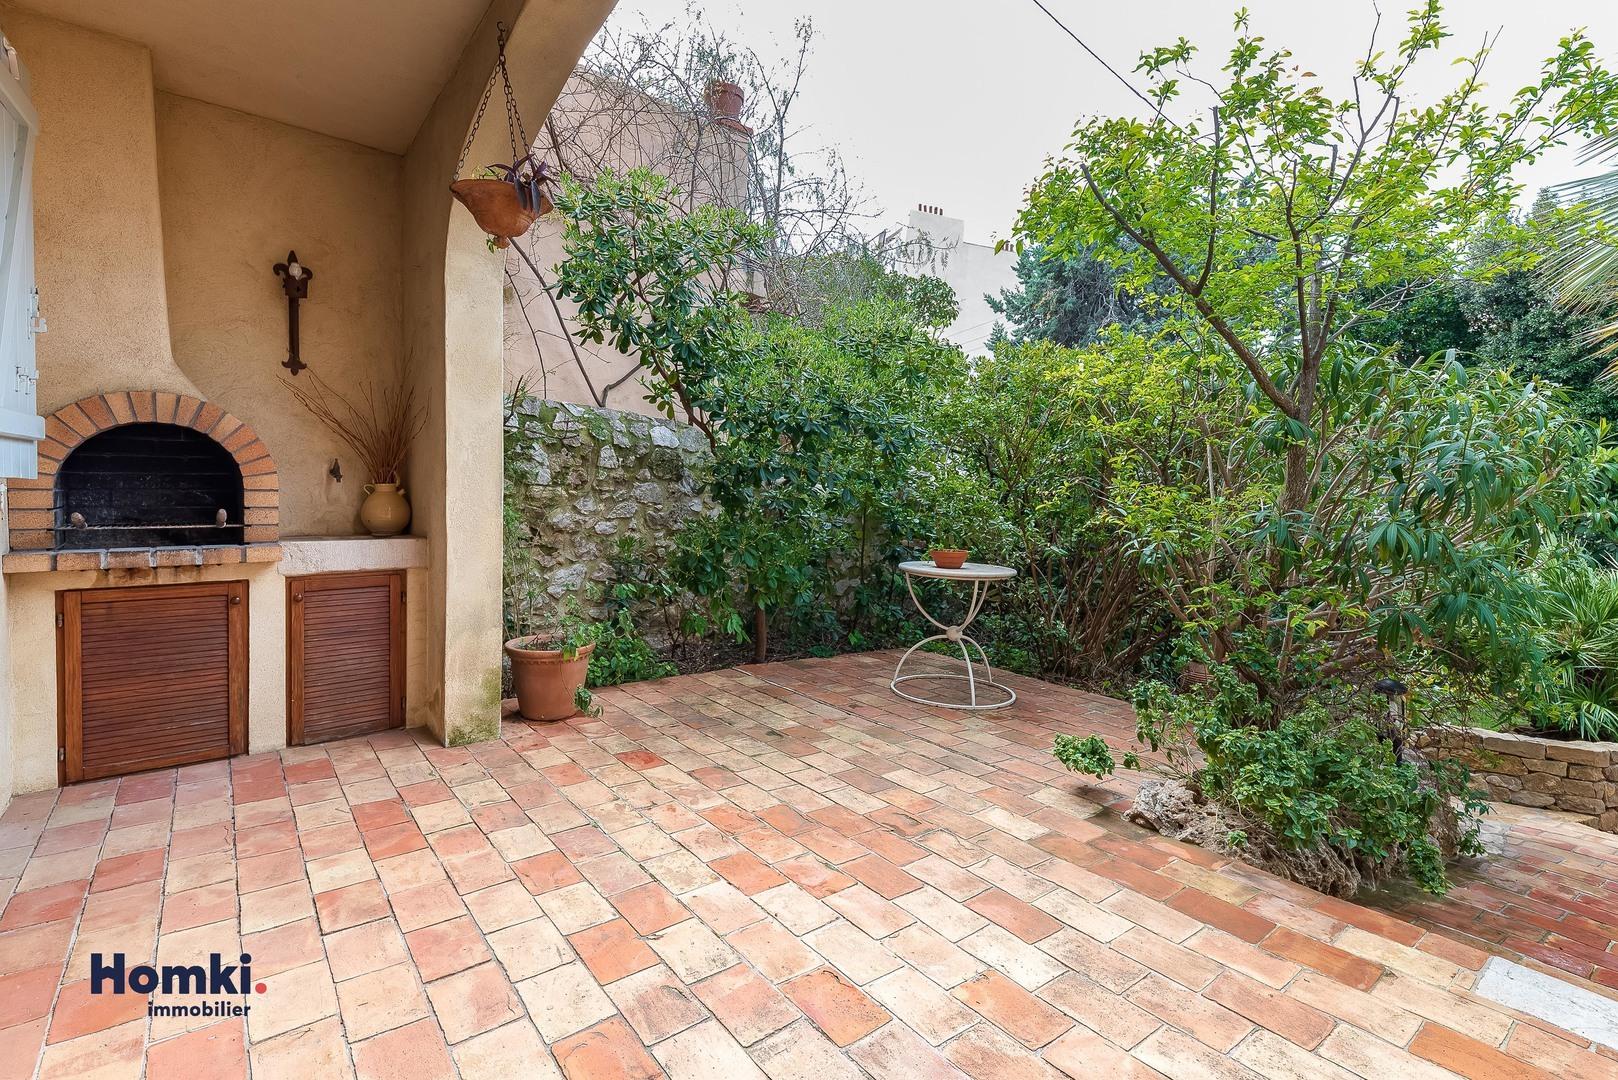 Vente Maison 105m² T4 13007 ROUCAS BOMPARD_3